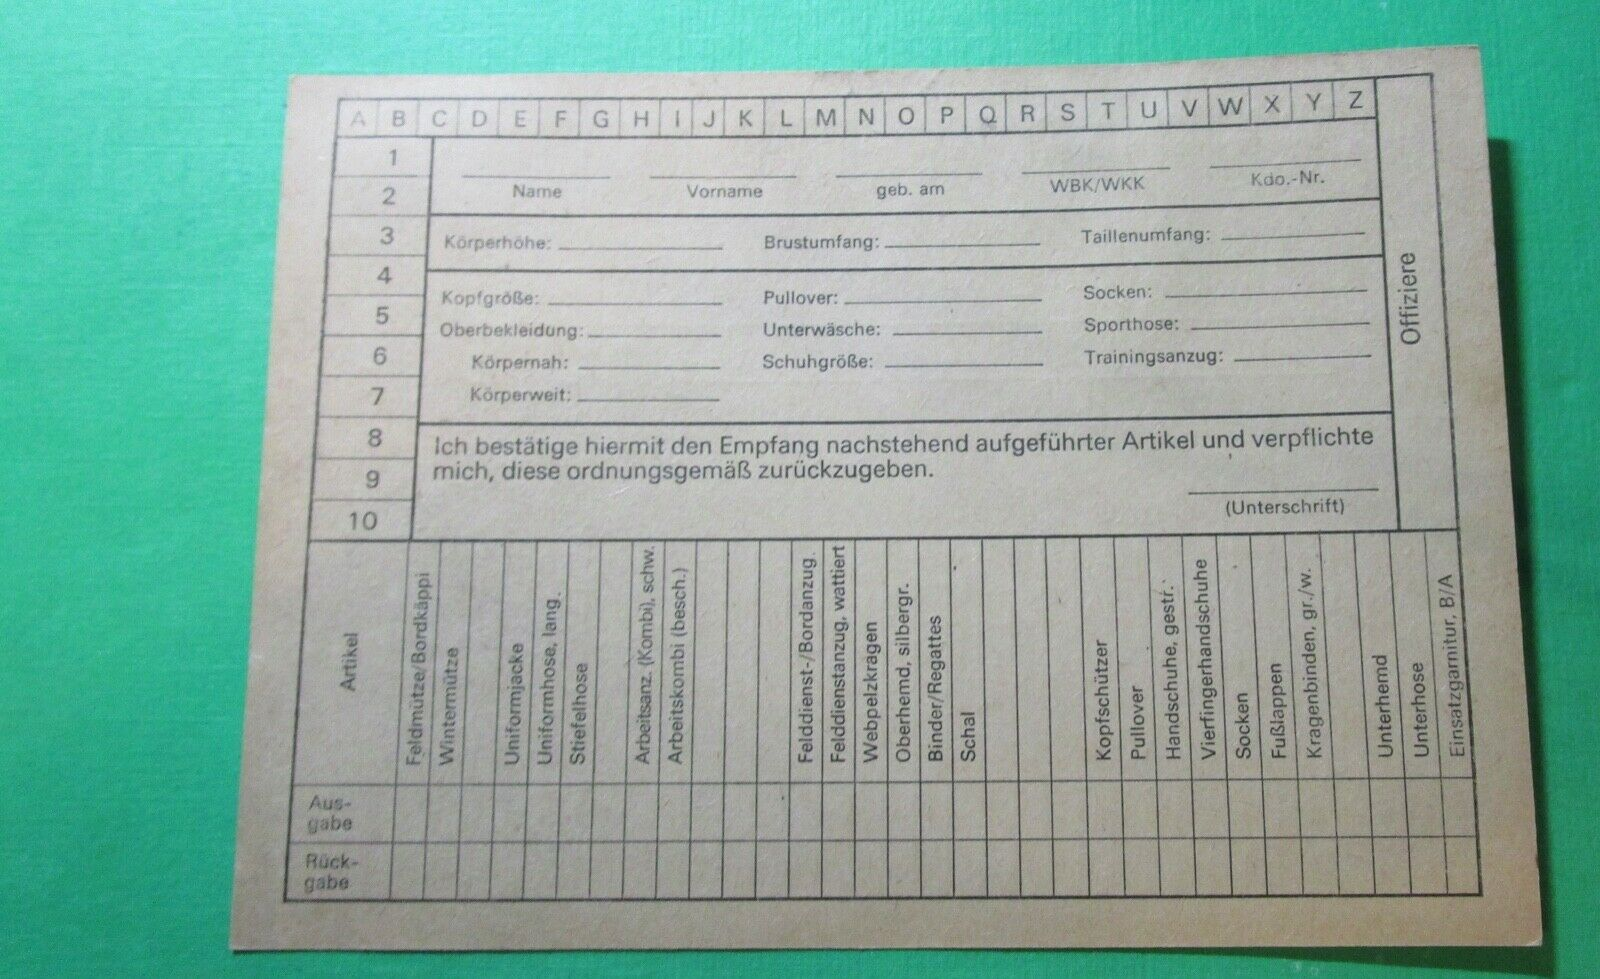 Bild 1 - DDR - NVA Dokument zur Ausgabe Bekleidung und Ausrüstung / 1963